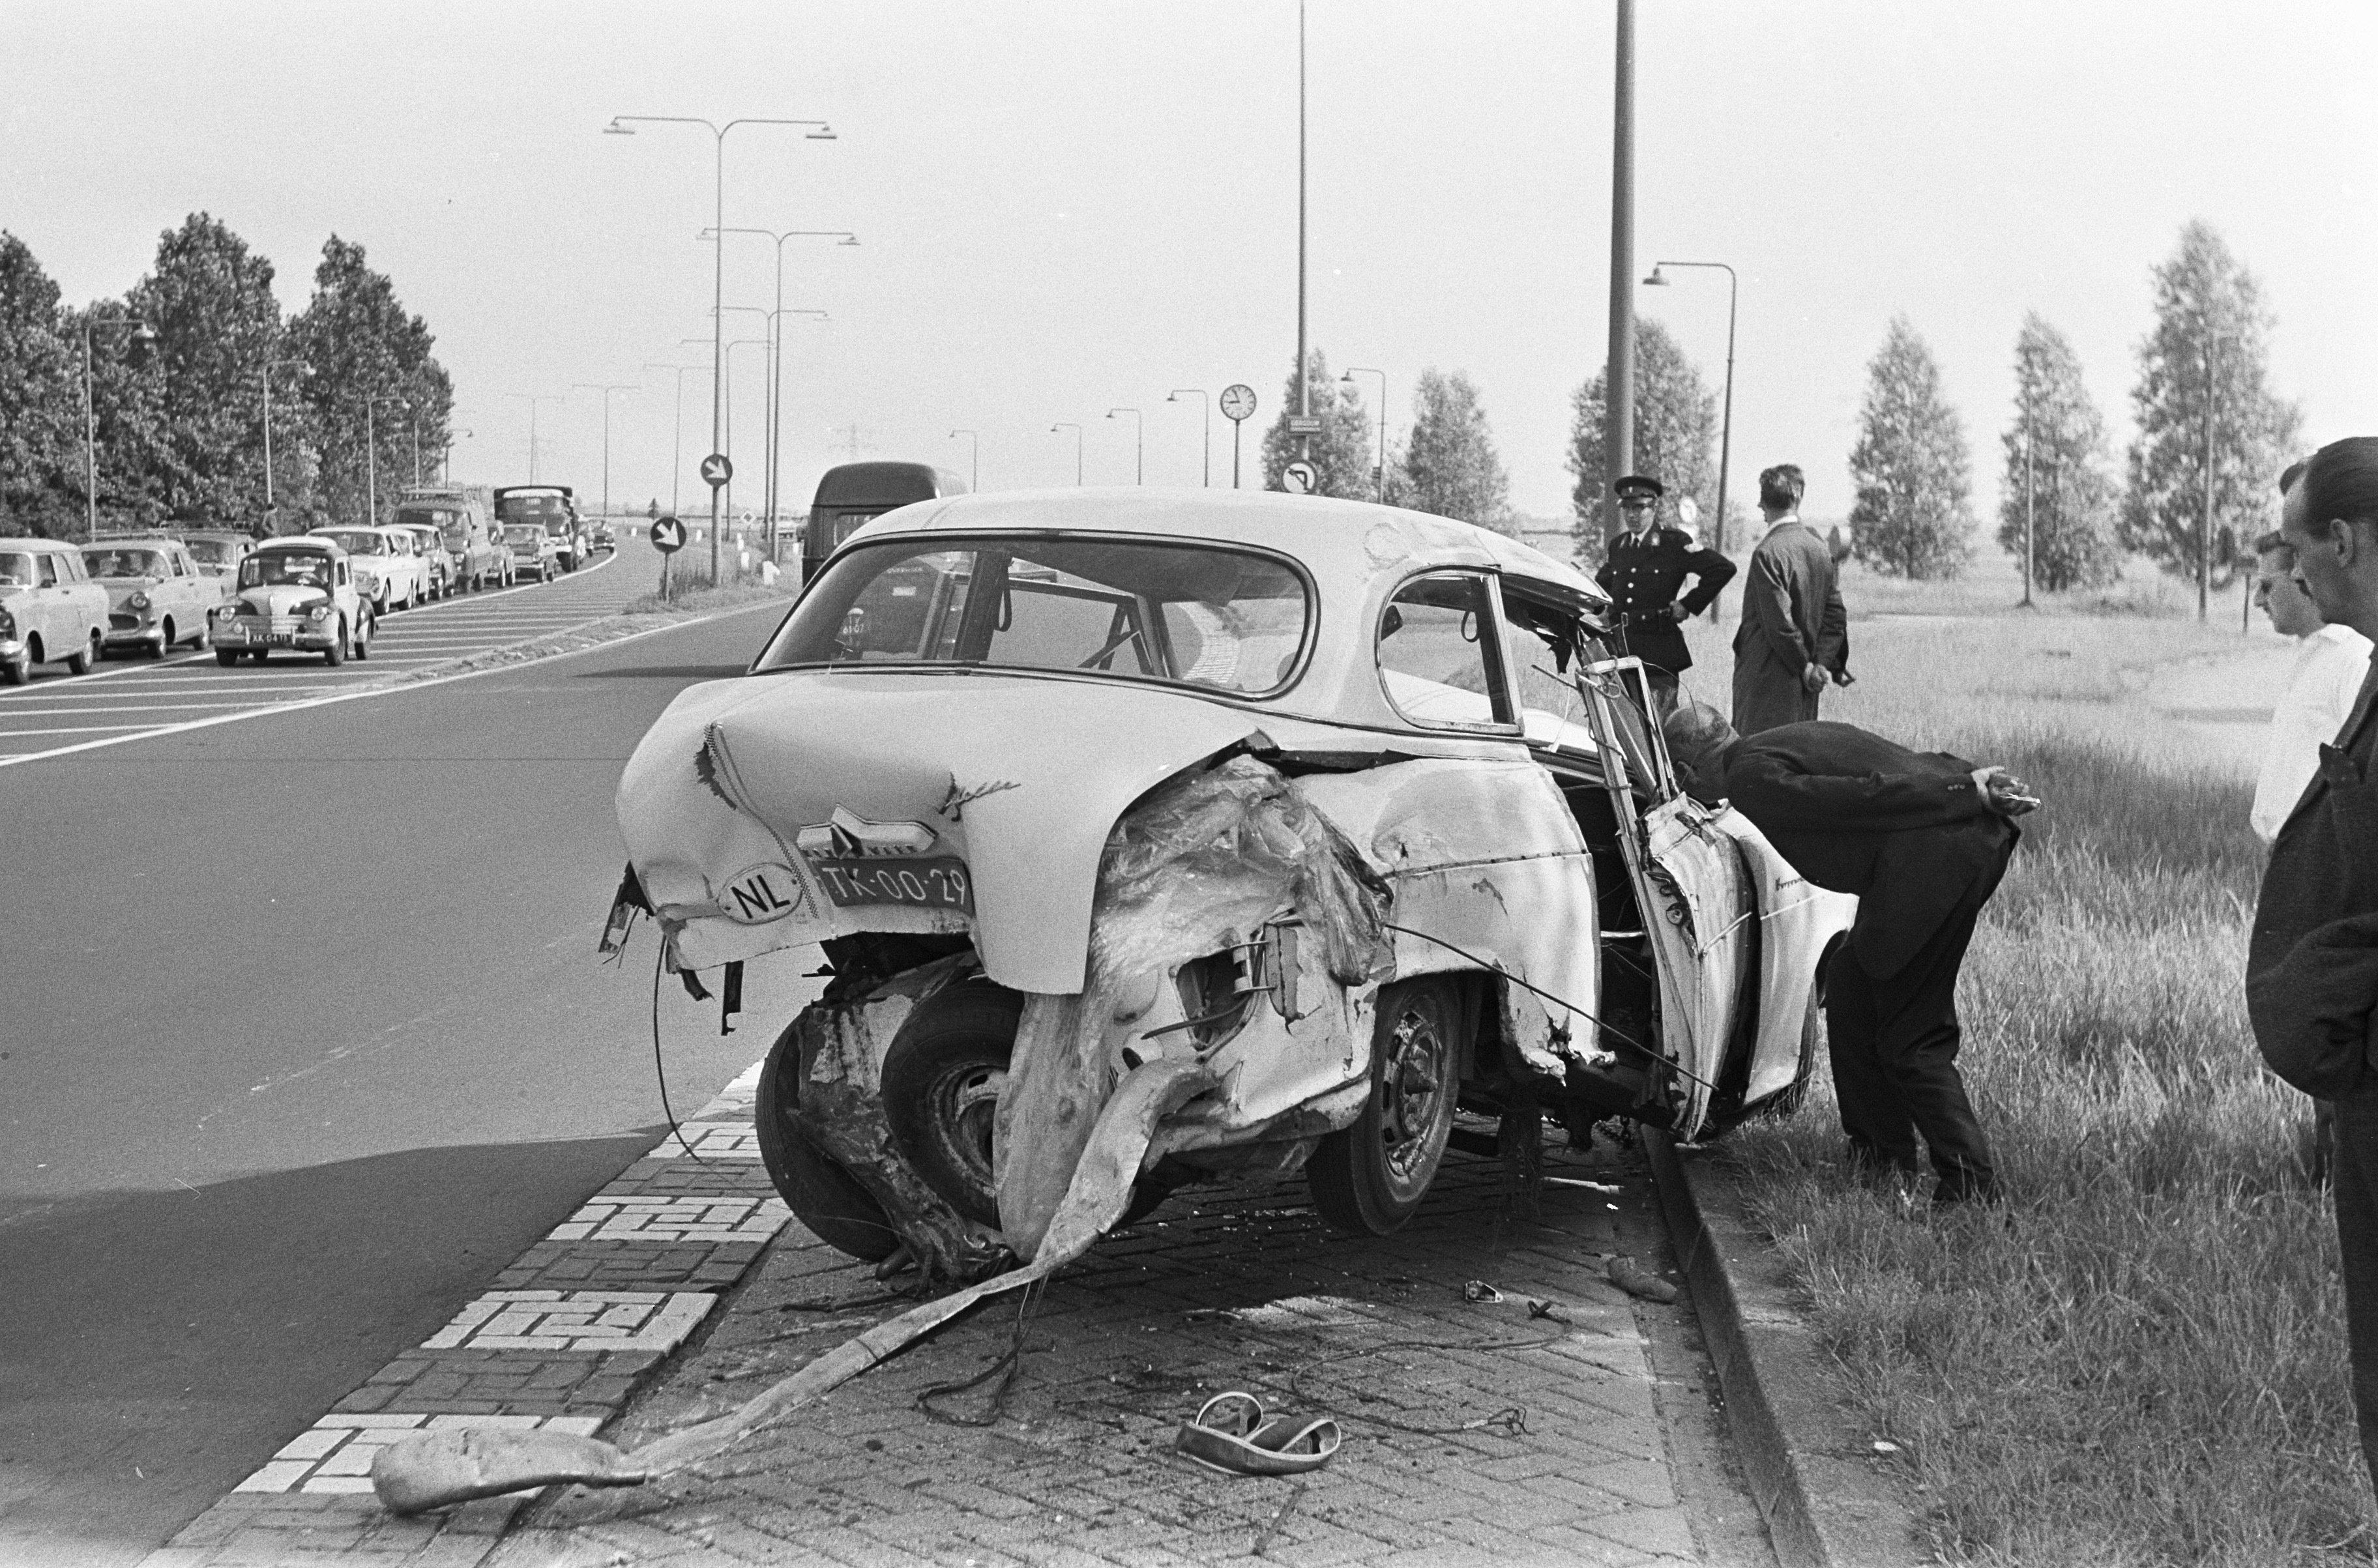 File:Auto-ongeluk bij Schellingwouderbrug, de auto die ongeluk  veroorzaakte, Bestanddeelnr 919-2699.jpg - Wikimedia Commons